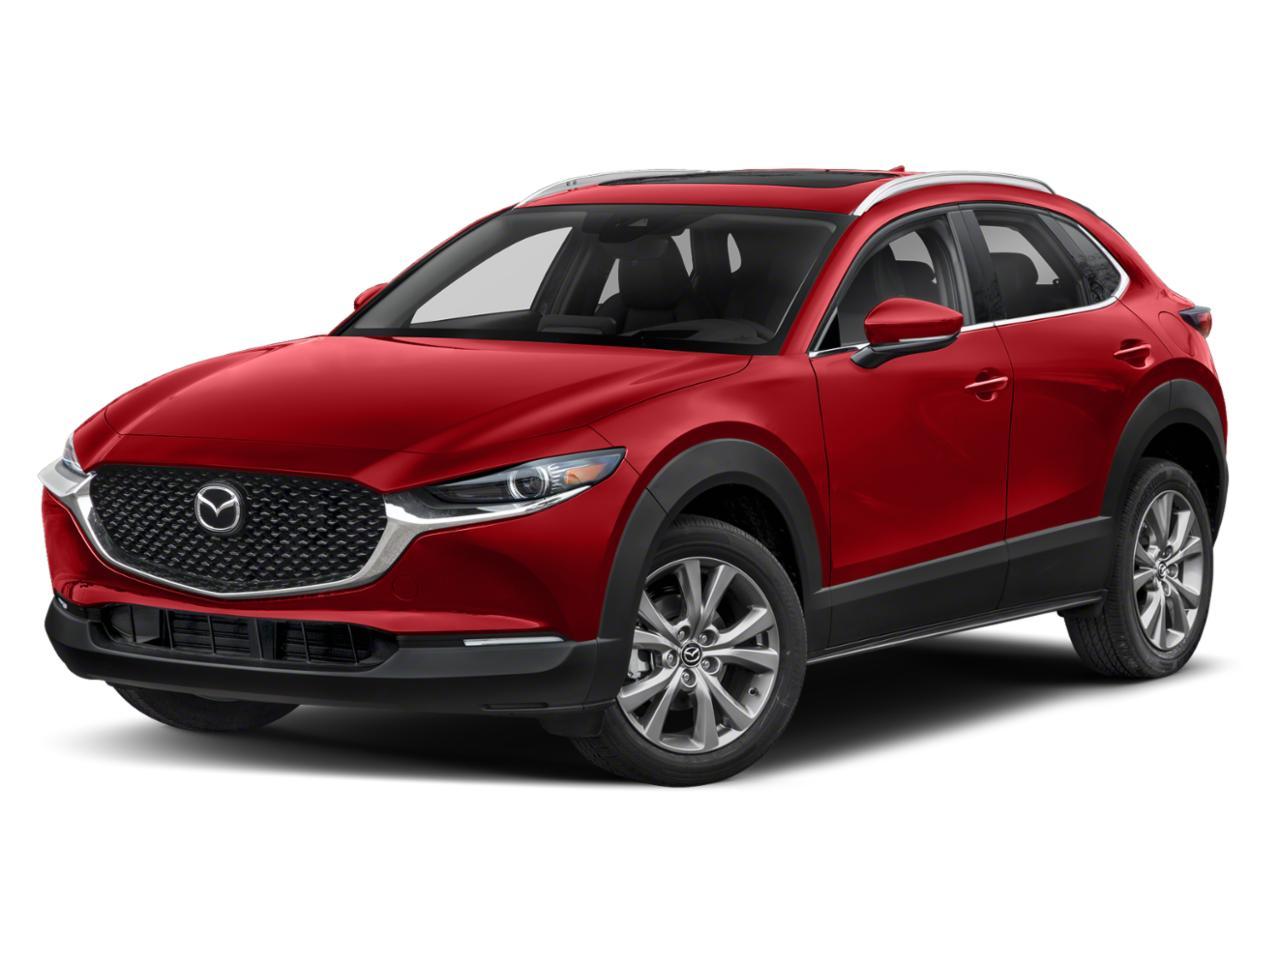 2021 Mazda CX-30 Vehicle Photo in Appleton, WI 54913